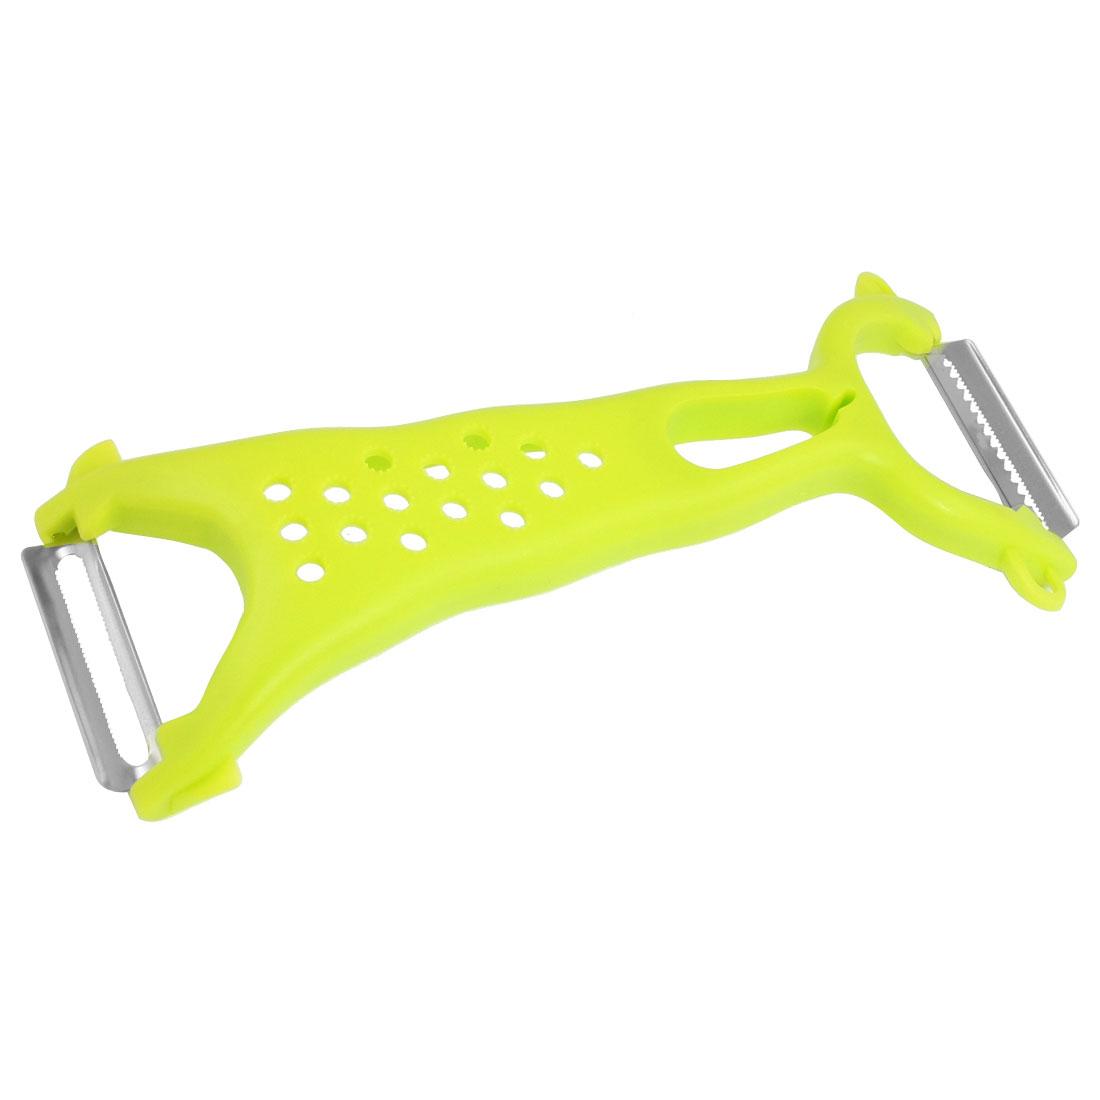 Nonslip Green Plastic Handle Stainless Steel Vegetable Fruit Grater Peeler